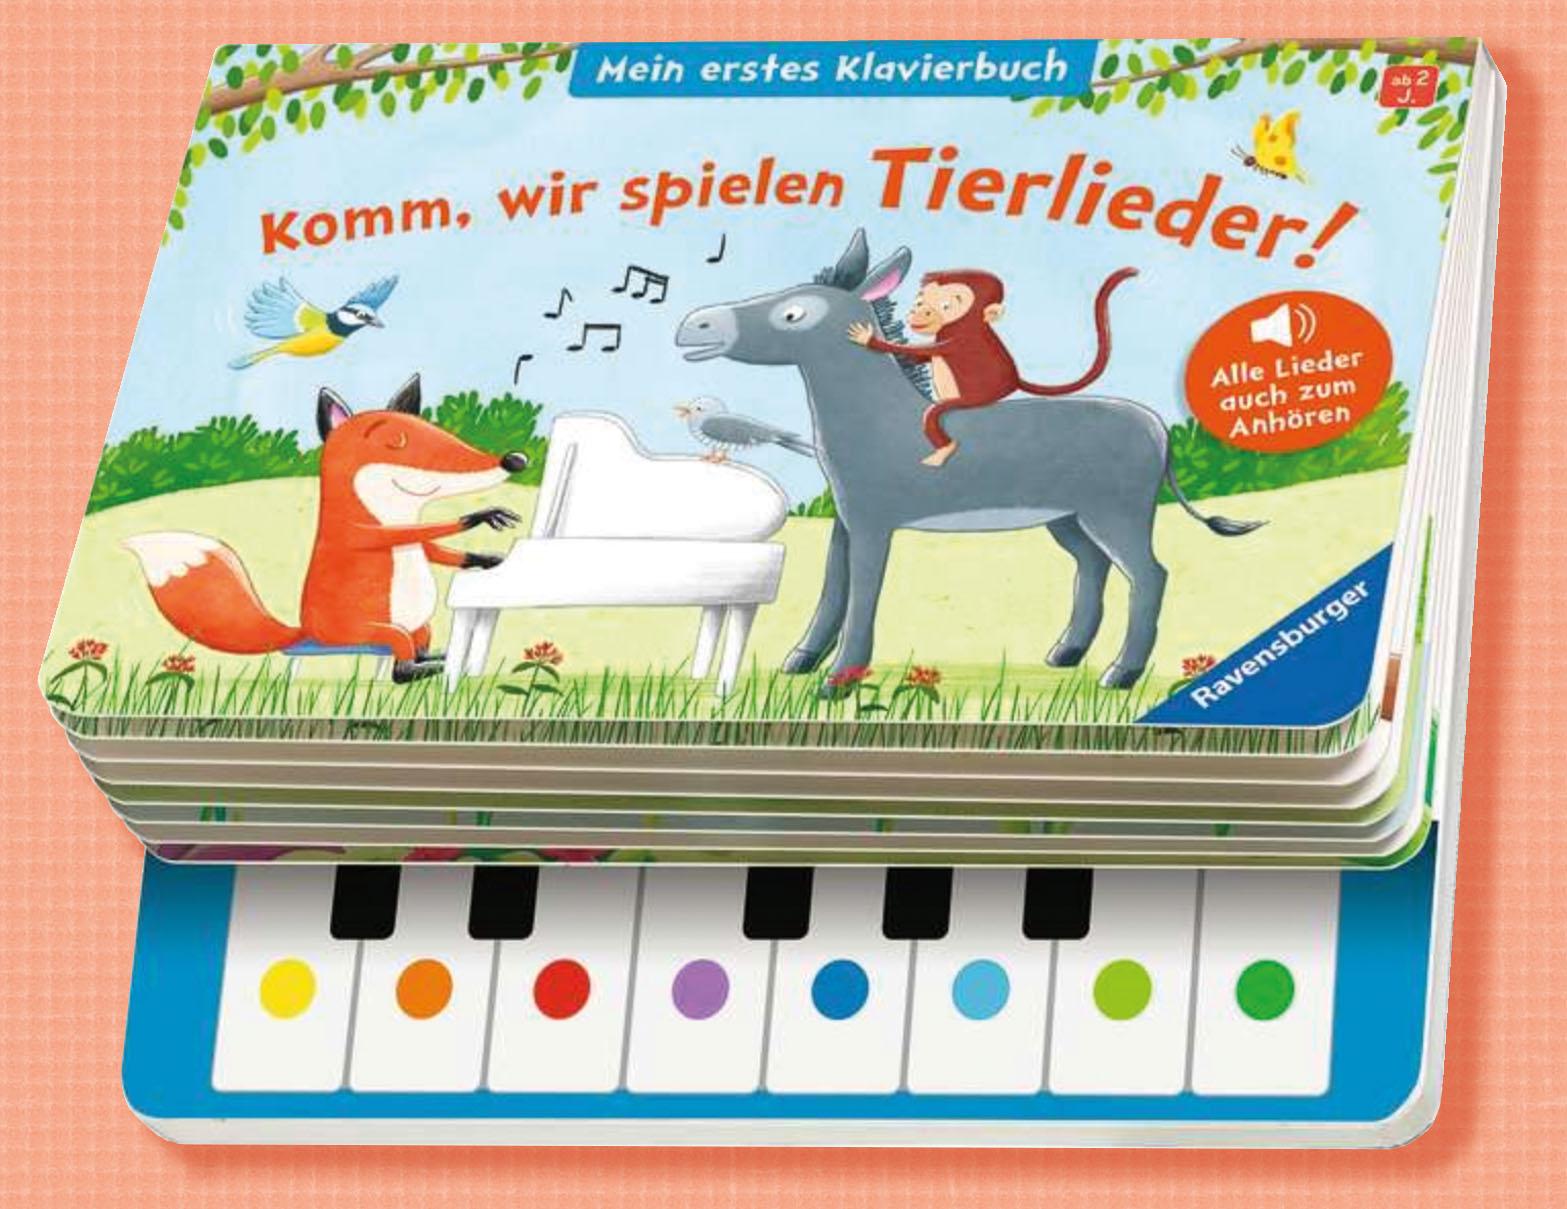 Komm, wir spielen Tierlieder!